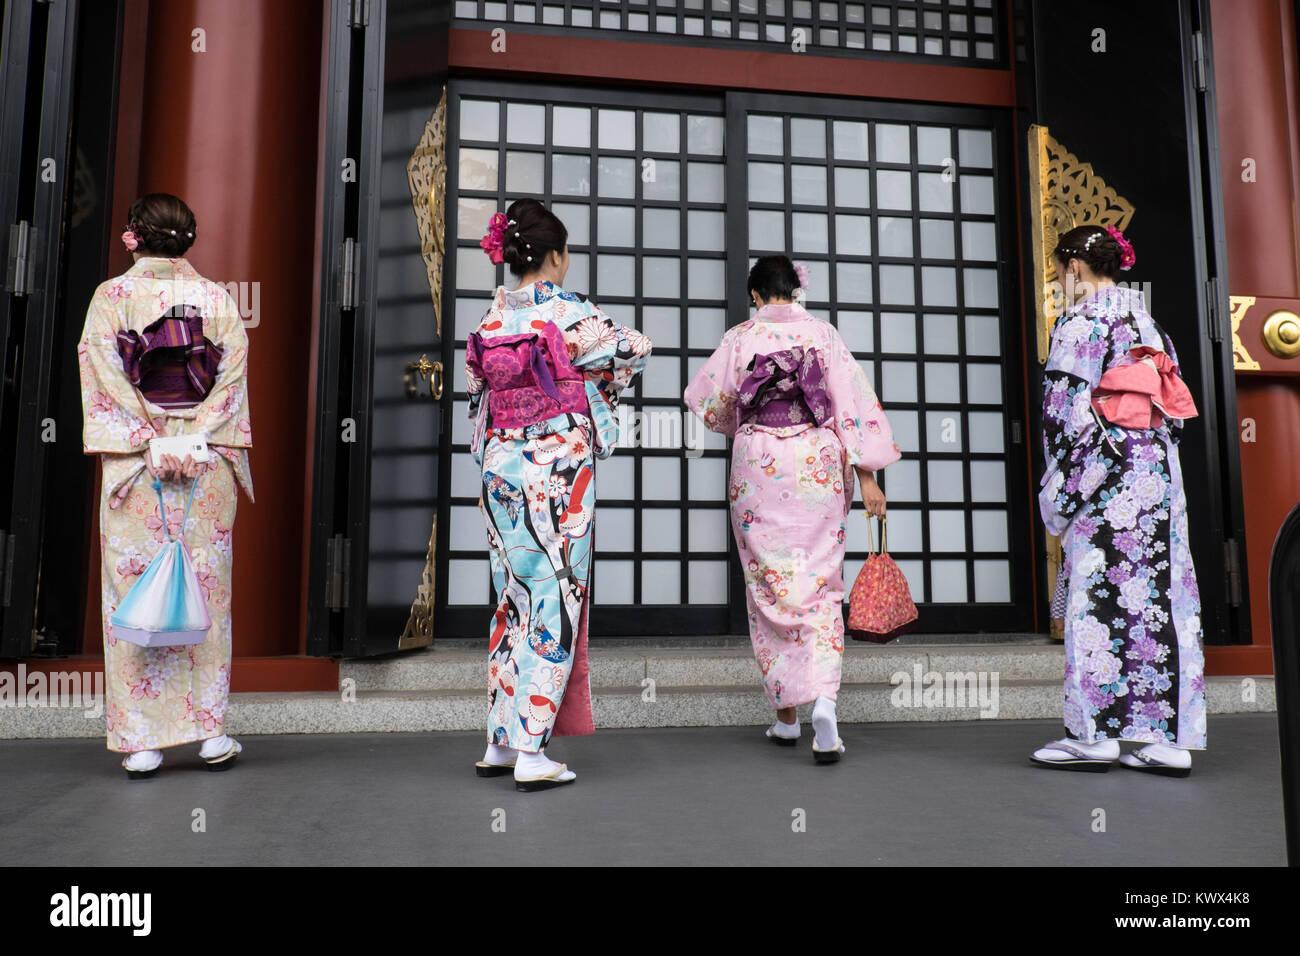 Japan, Tokio, Insel Honshu: Touristen, die traditionelle japanische Kleidung, hier vor einer Tür des Senso Stockbild